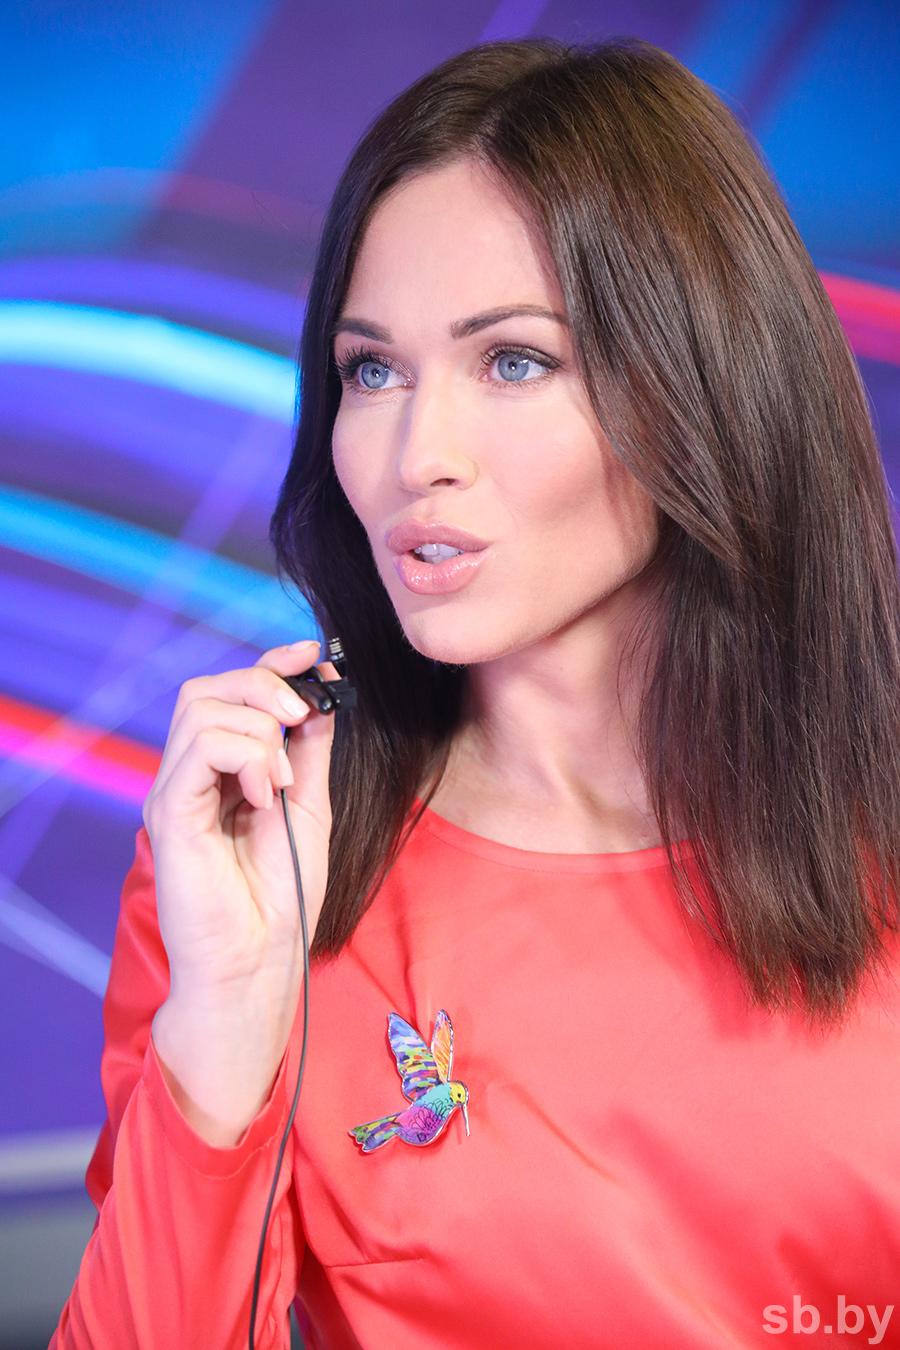 Людмила козак девушка модель работы психолога с клиентом